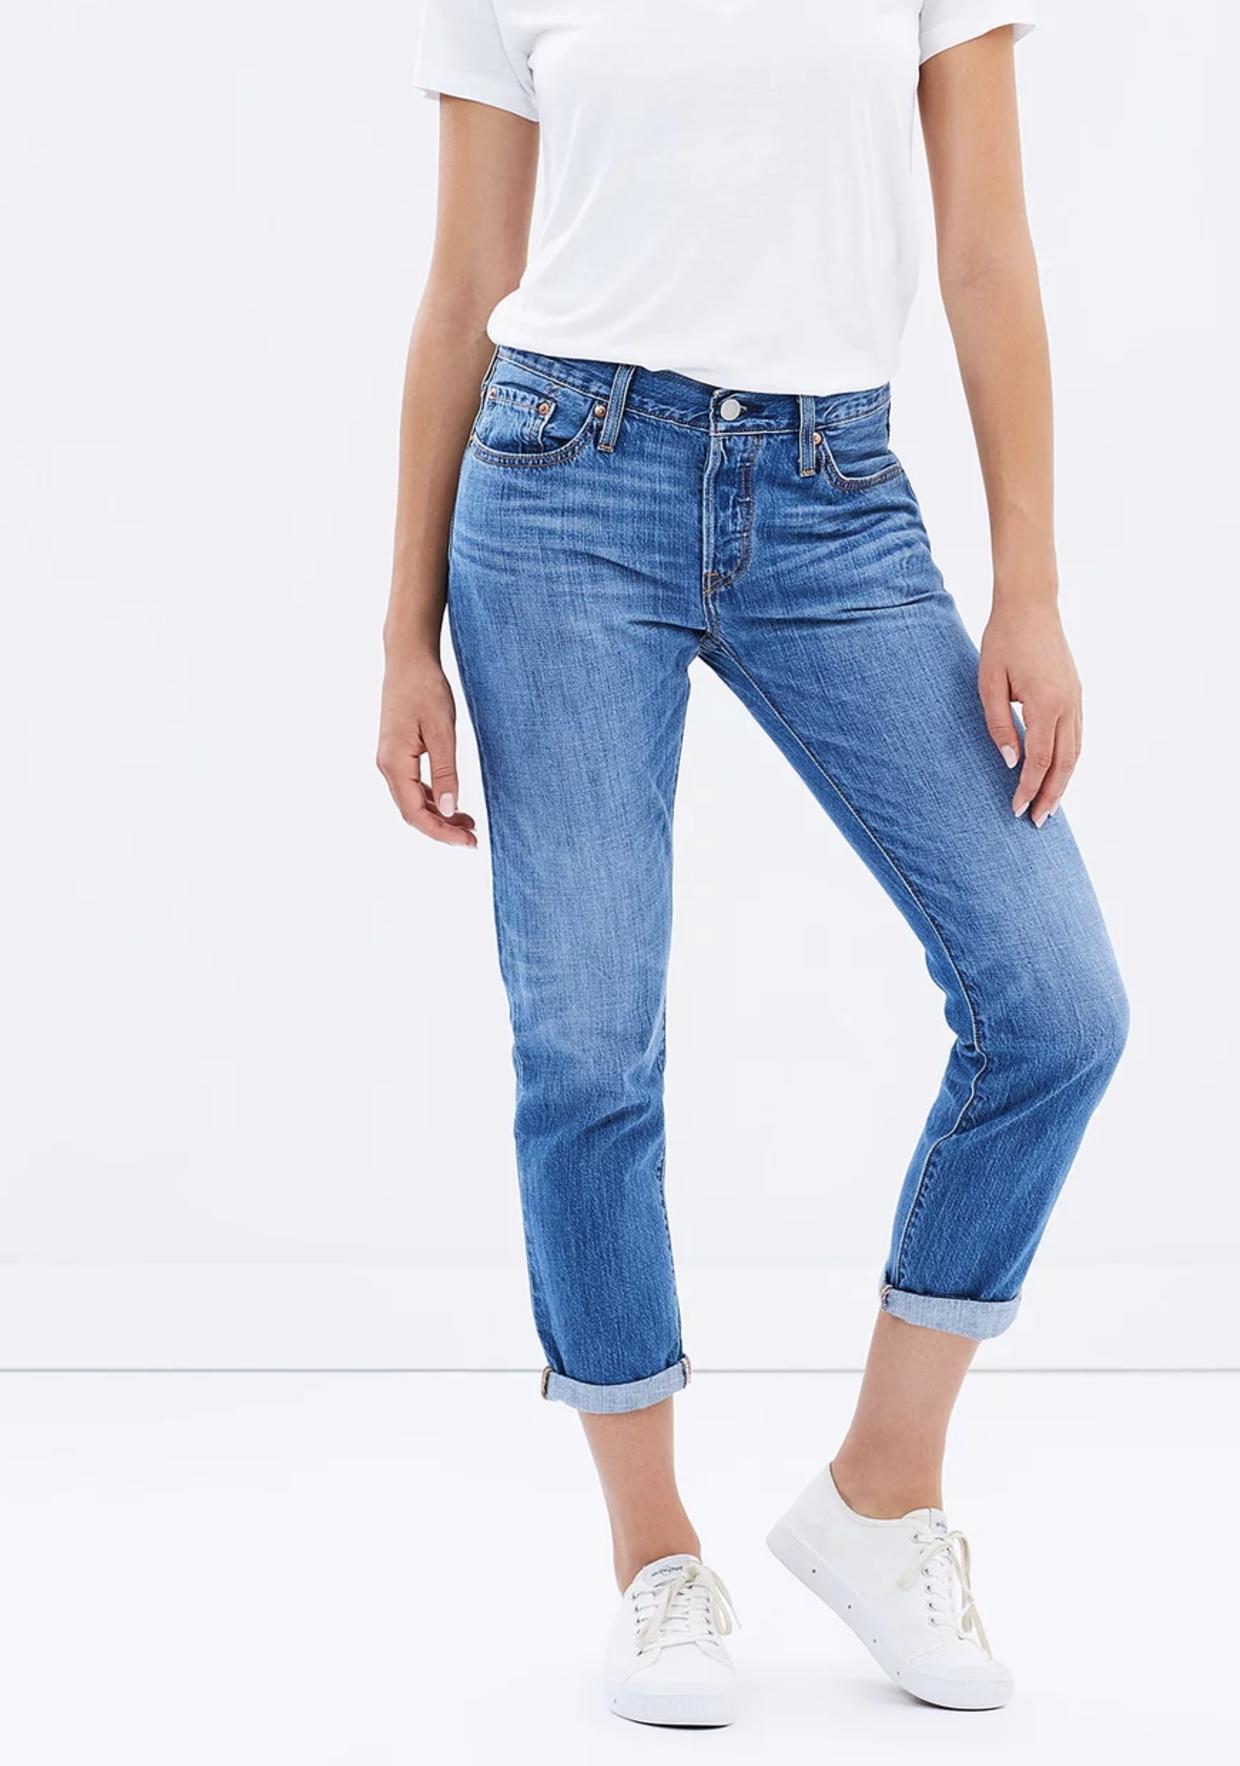 Levis 501 CT jeans $129.95